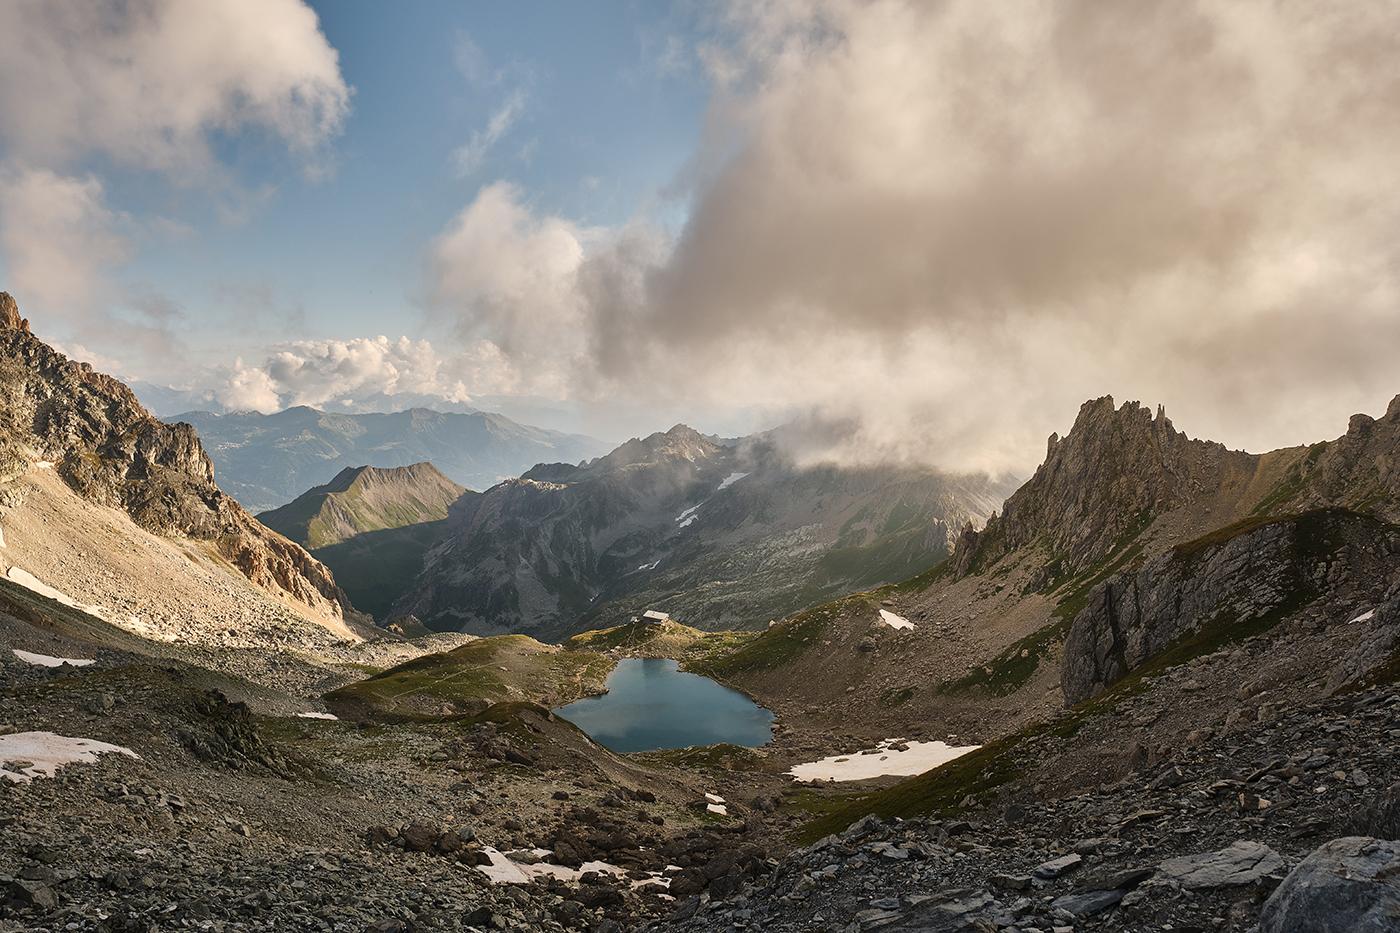 Randonnée lac et refuge de Presset, Pierra Menta et lac d'Amour